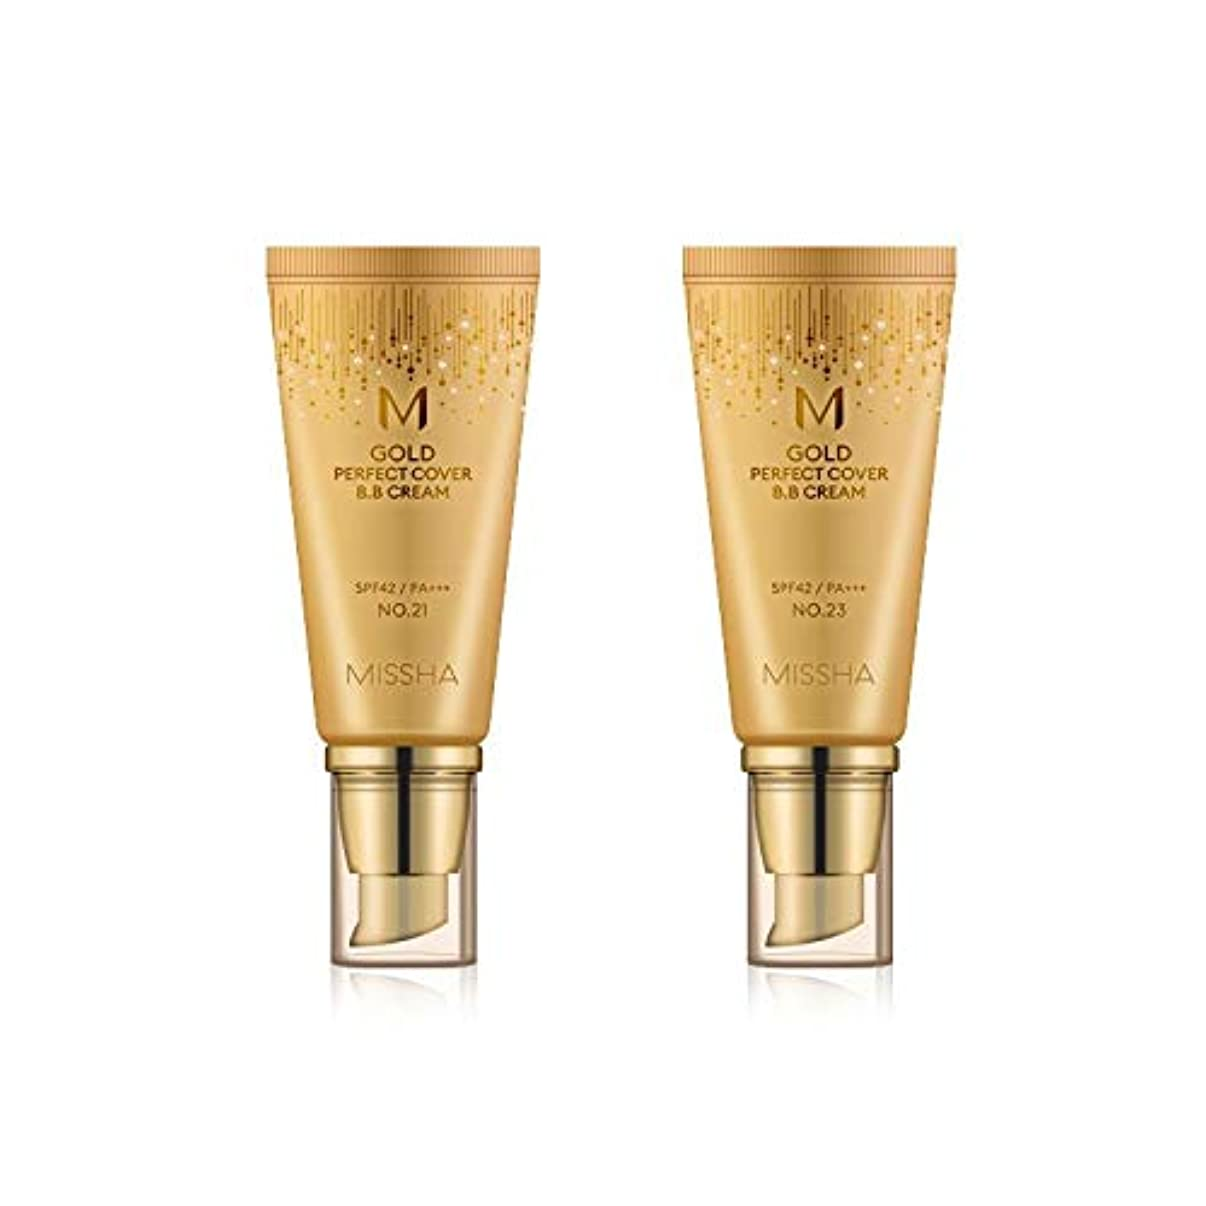 ユニークな側溝実行MISSHA Gold Perfecte Cover BB Cream SPF42 PA+++ / ミシャ ゴールド パーフェクト カバー BBクリーム 50ml *NO.21 [並行輸入品]